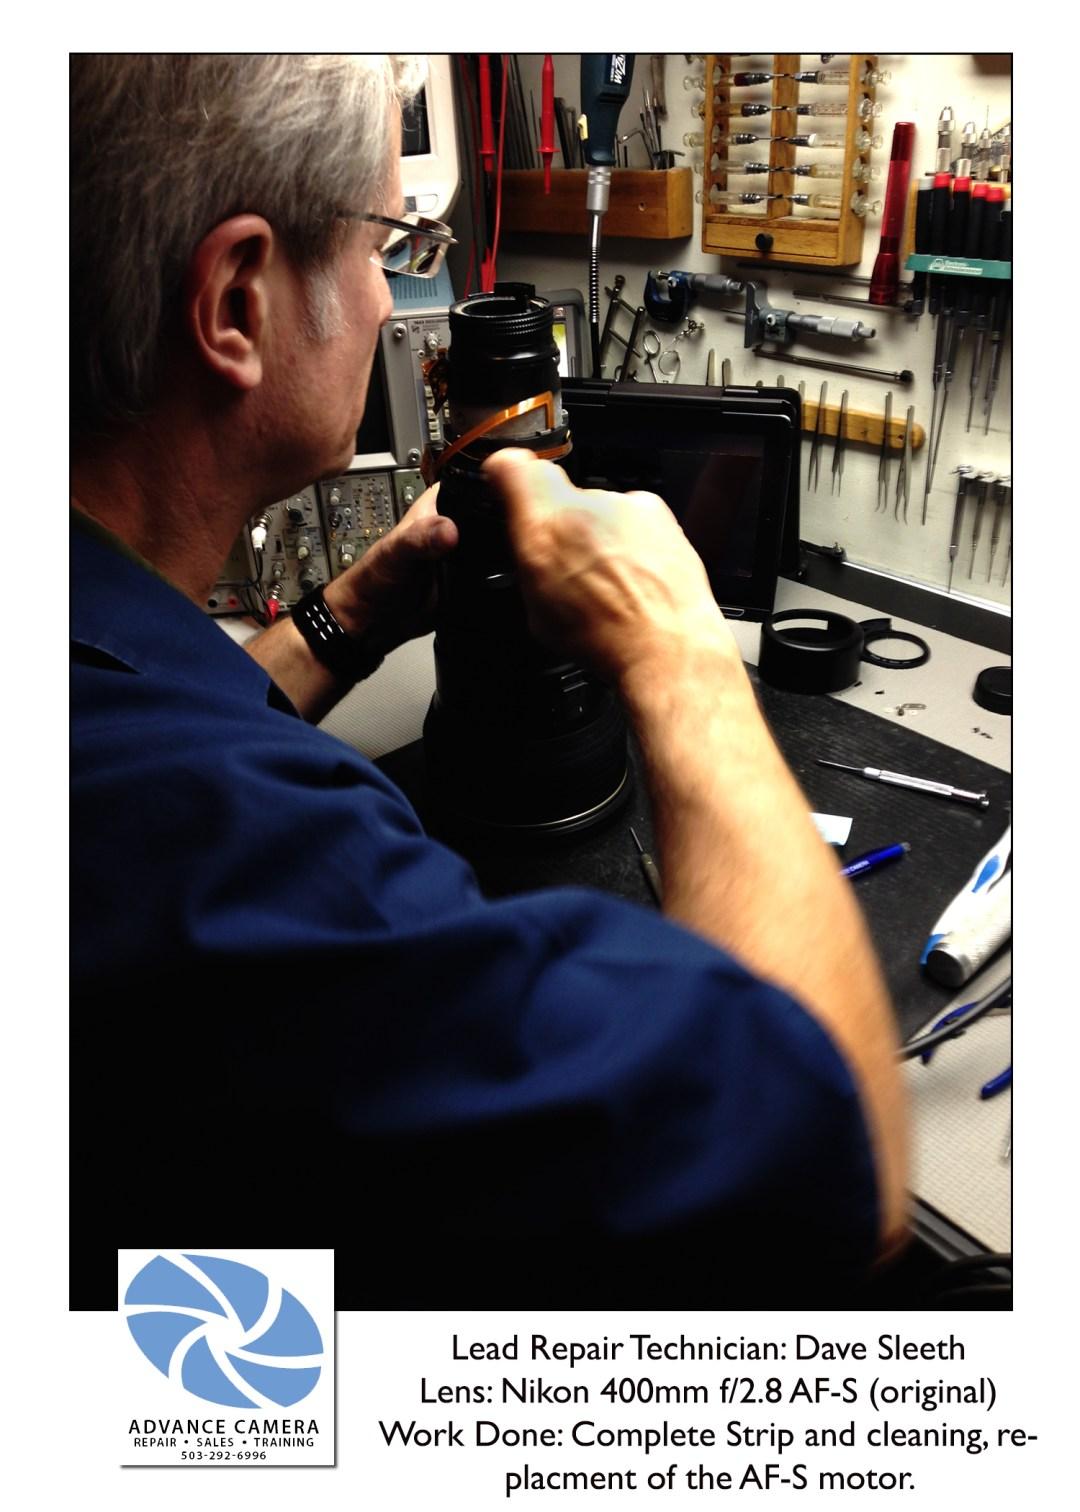 Nikon 400mm f/2.8 AF-S lens repair